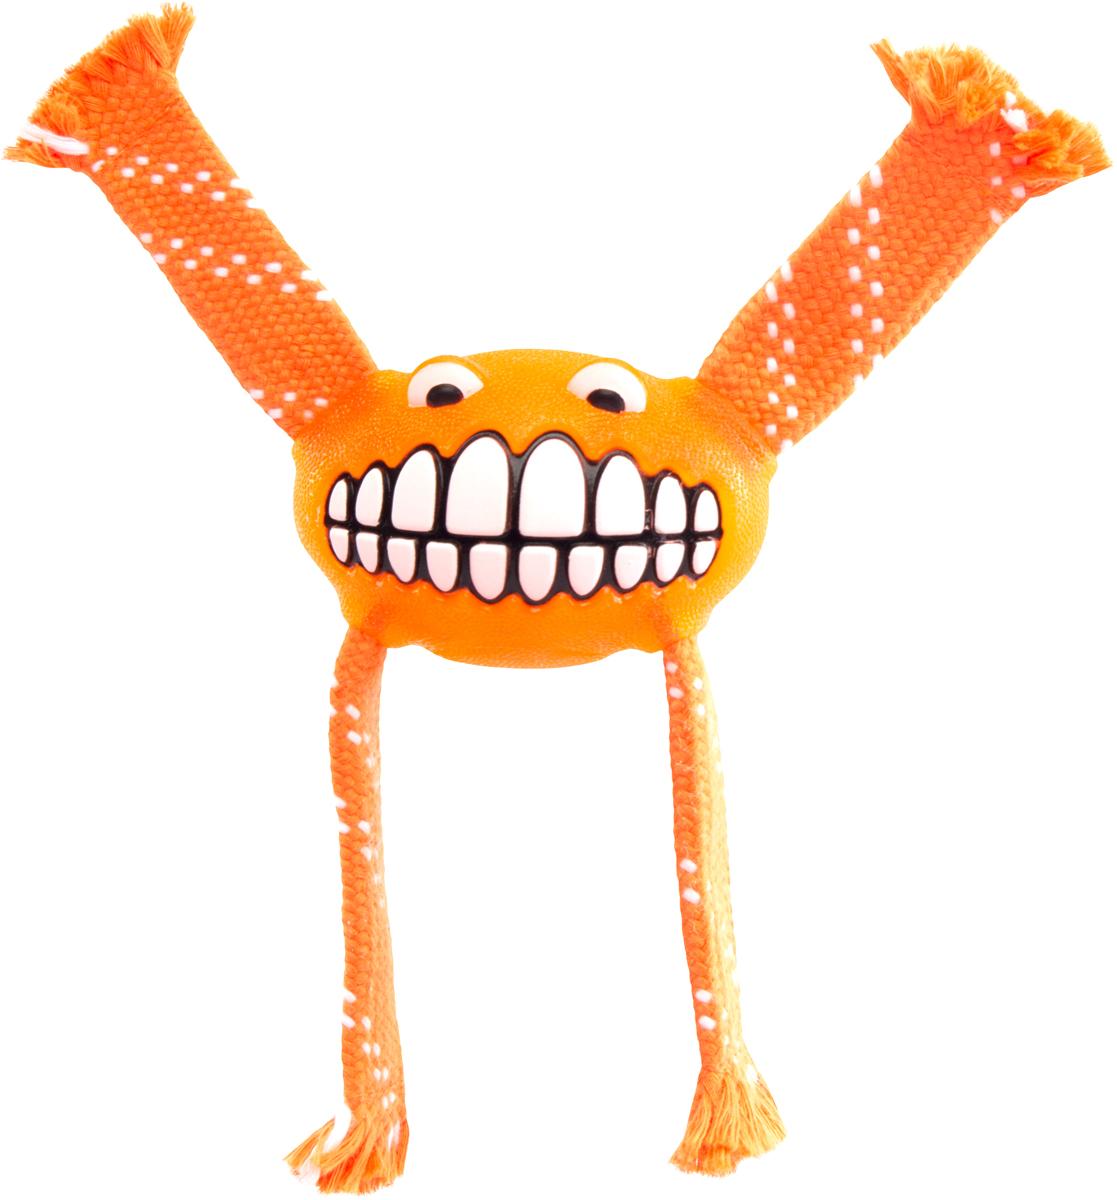 Игрушка для собак Rogz Flossy Grinz. Зубы, цвет: оранжевый, длина 16,5 см игрушка для собак rogz yumz косточка с отверстием для лакомства цвет лайм длина 11 5 см